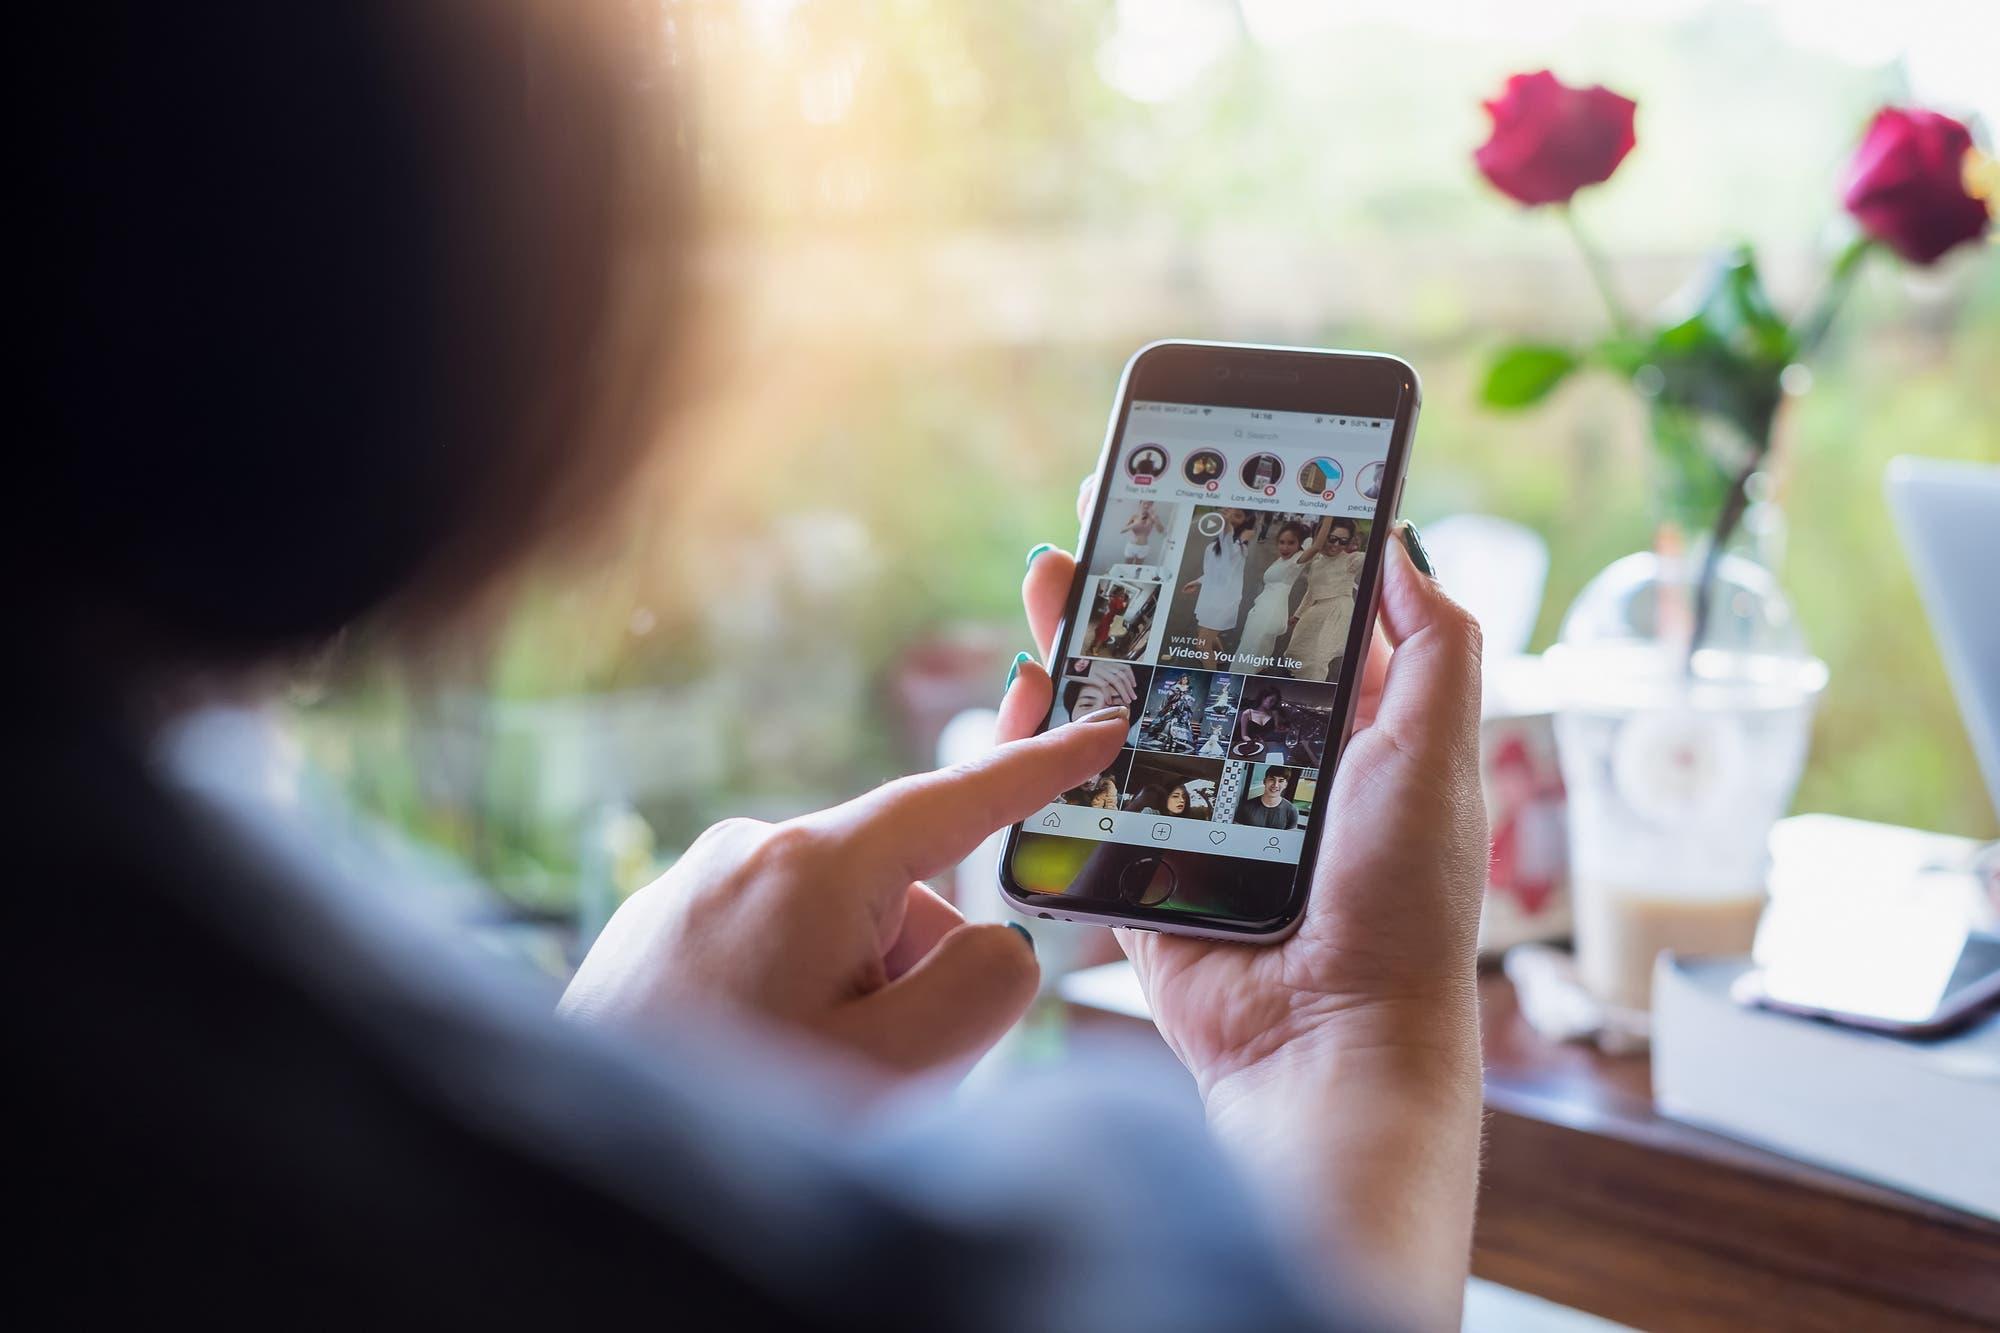 Chau contador de likes: Instagram ocultará el número de Me gusta en todo el mundo